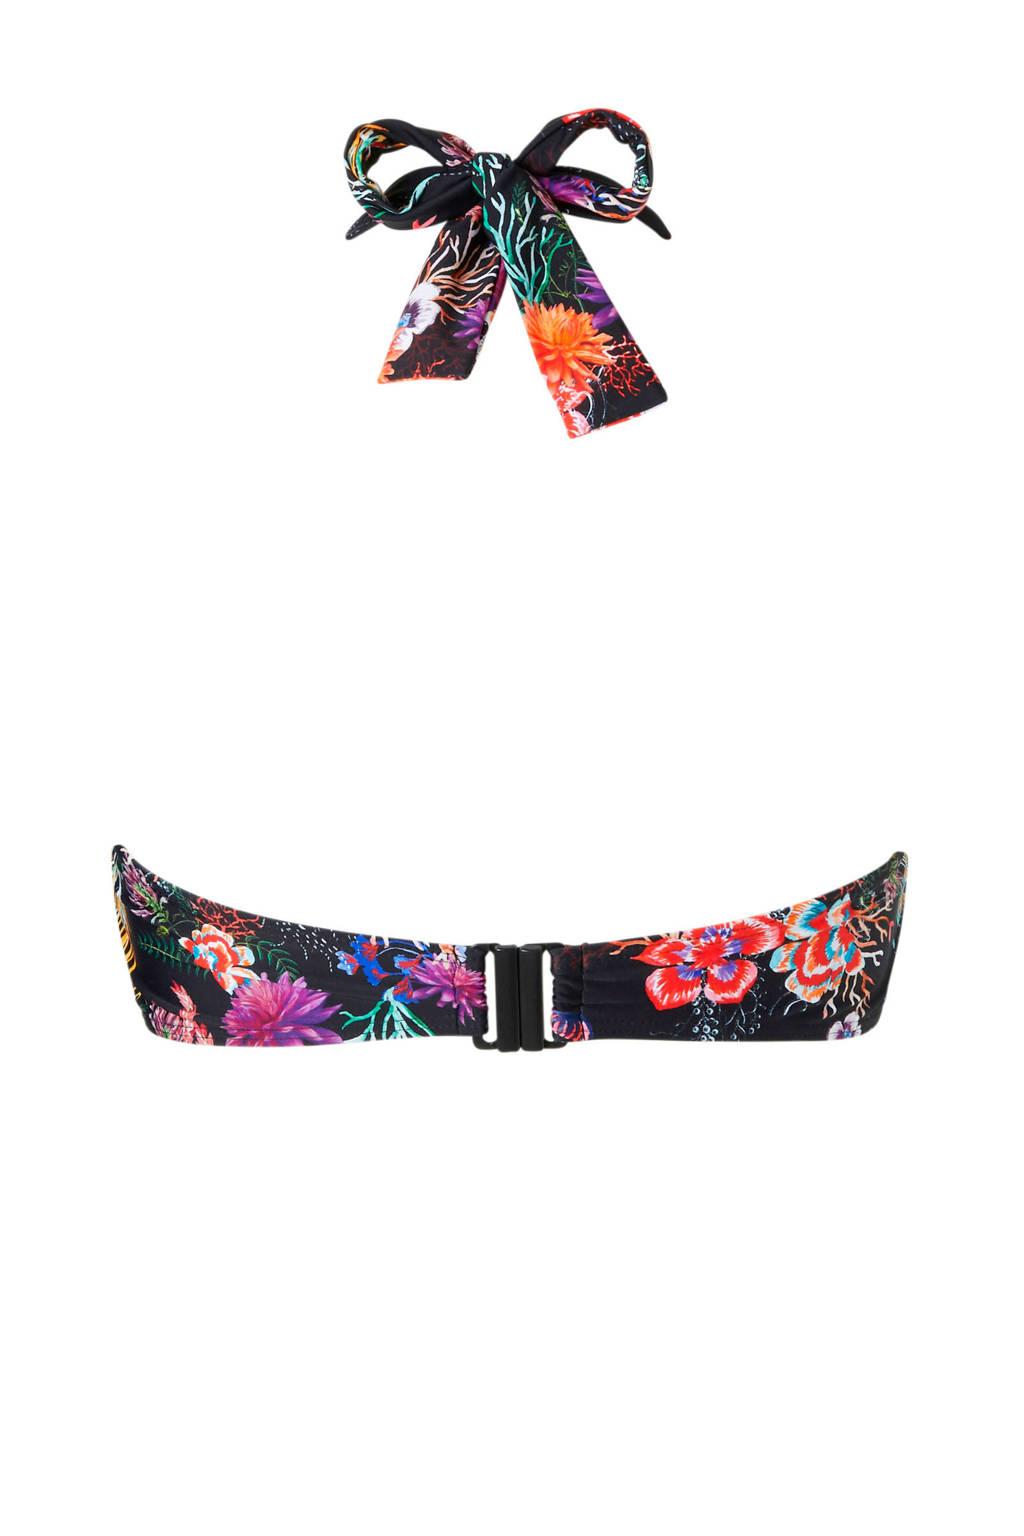 JUNAROSE halter bikinitop met bloemenprint, Zwart/rood/paars